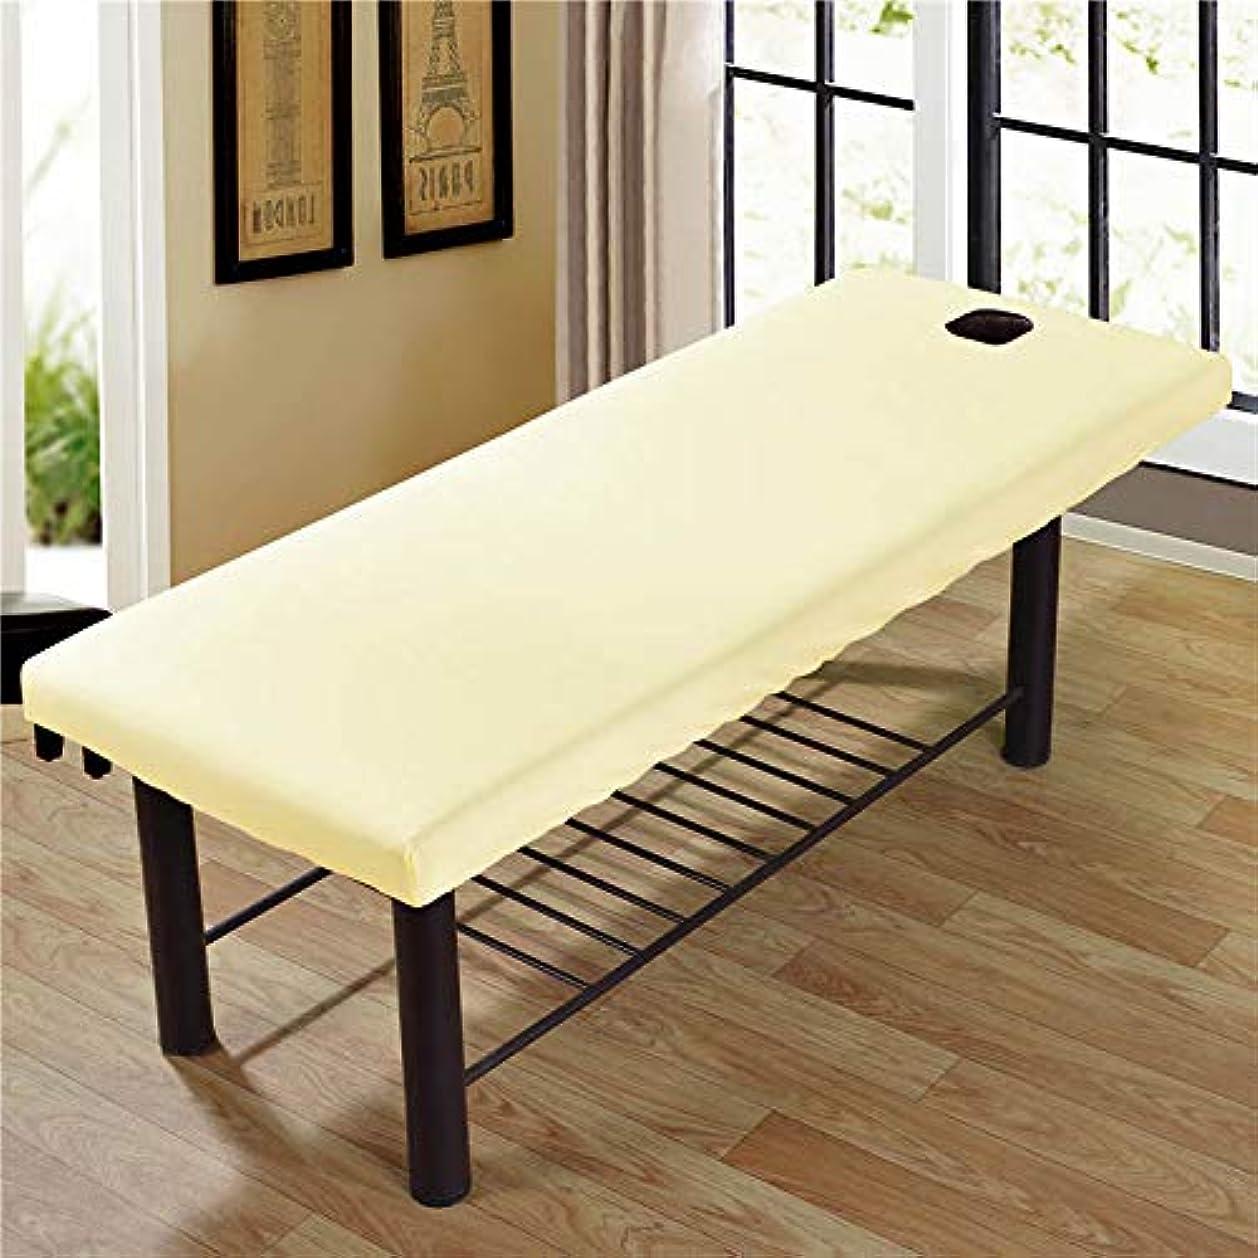 ファンエッセンス義務づけるAylincool 美容院のマッサージ療法のベッドのための柔らかいSoliod色の長方形のマットレス